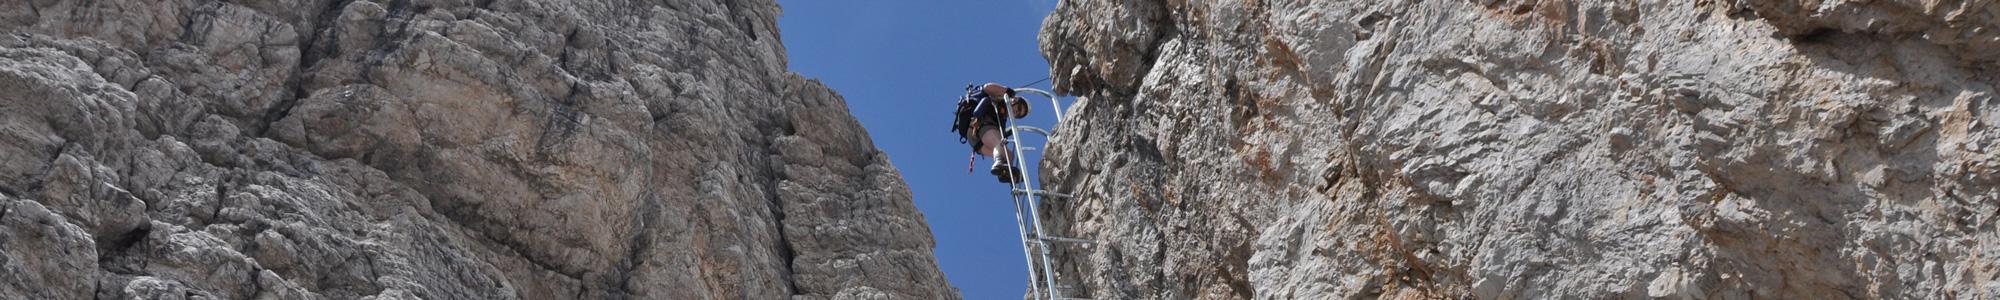 slide-klettersteig-02